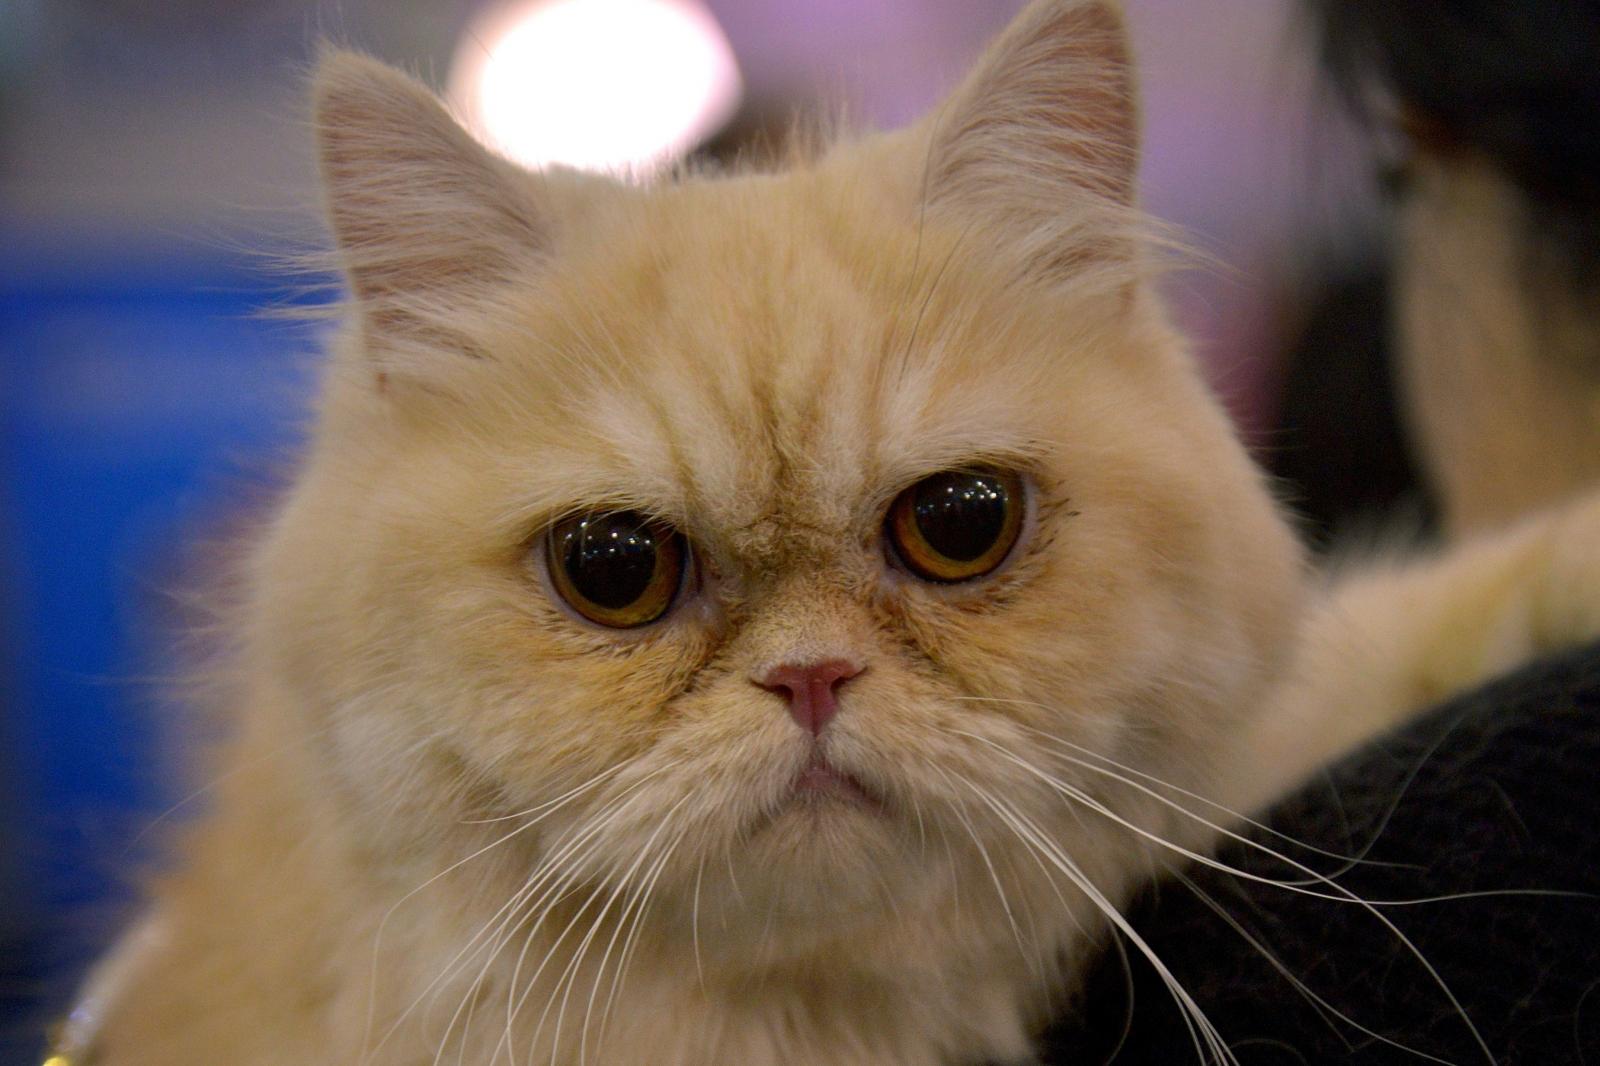 Cat feces linked to schizophrenia